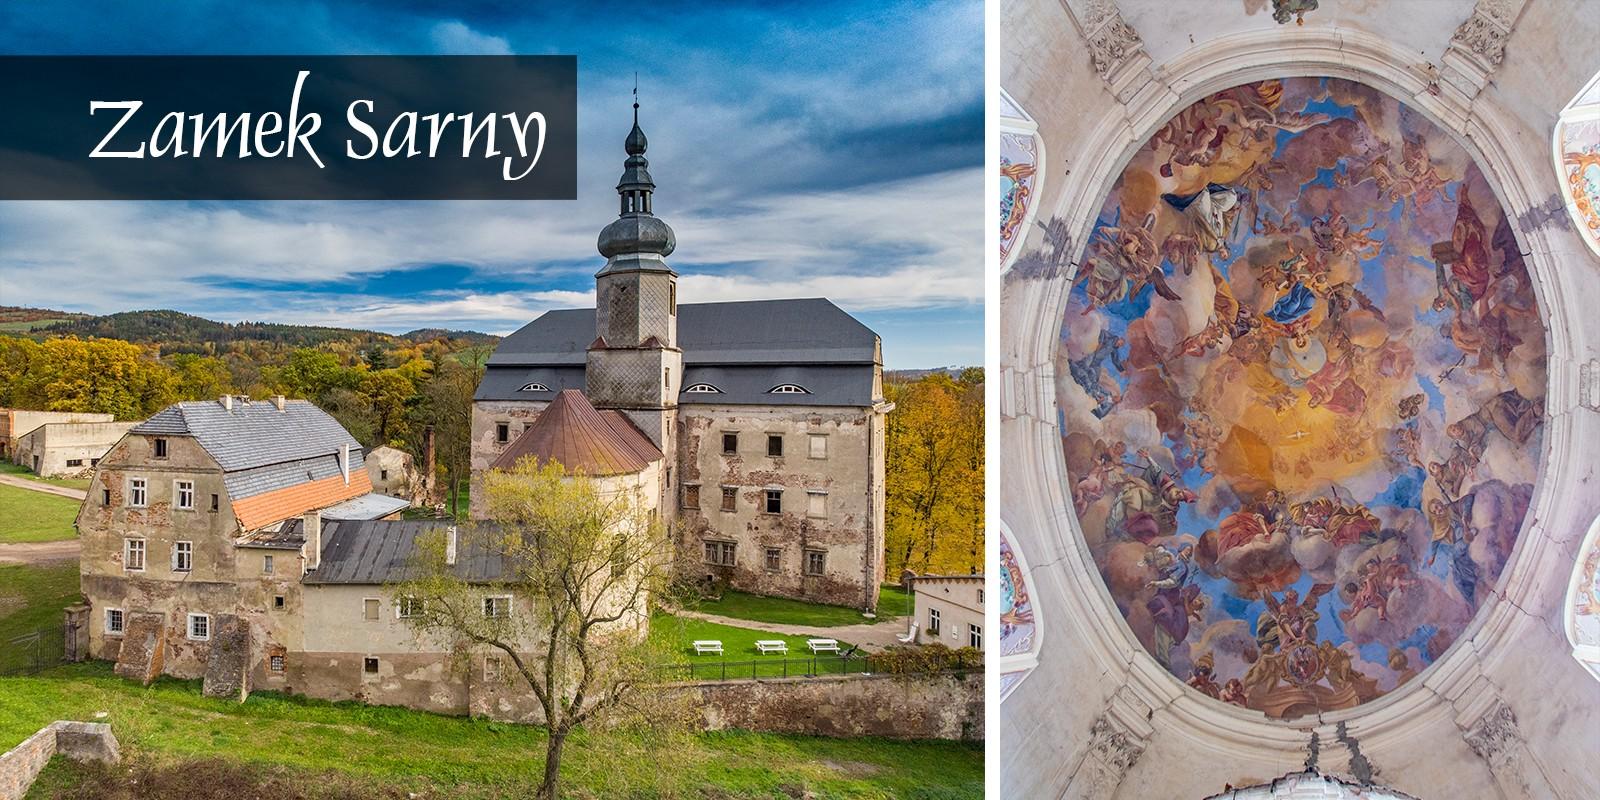 Zamek Sarny Dolny Śląsk Ścinawka Dolnośląskie Atrakcje Zwiedzanie Kotlina Kłodzka Kaplica Nepomucena Barok Kawiarnia